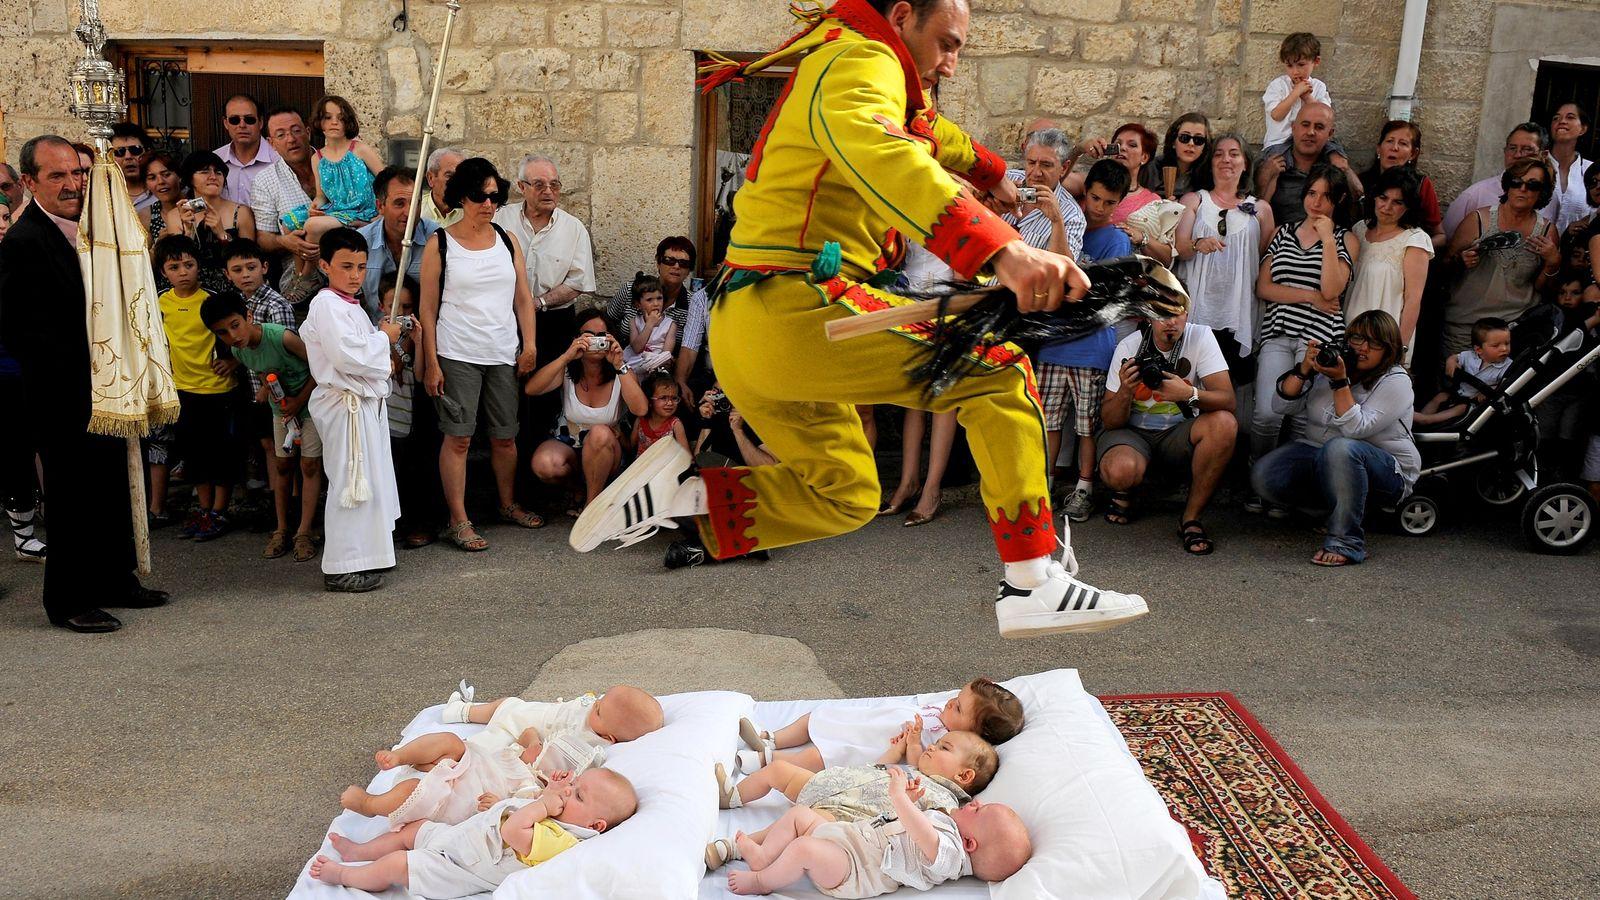 Der Teufel springt über Babys